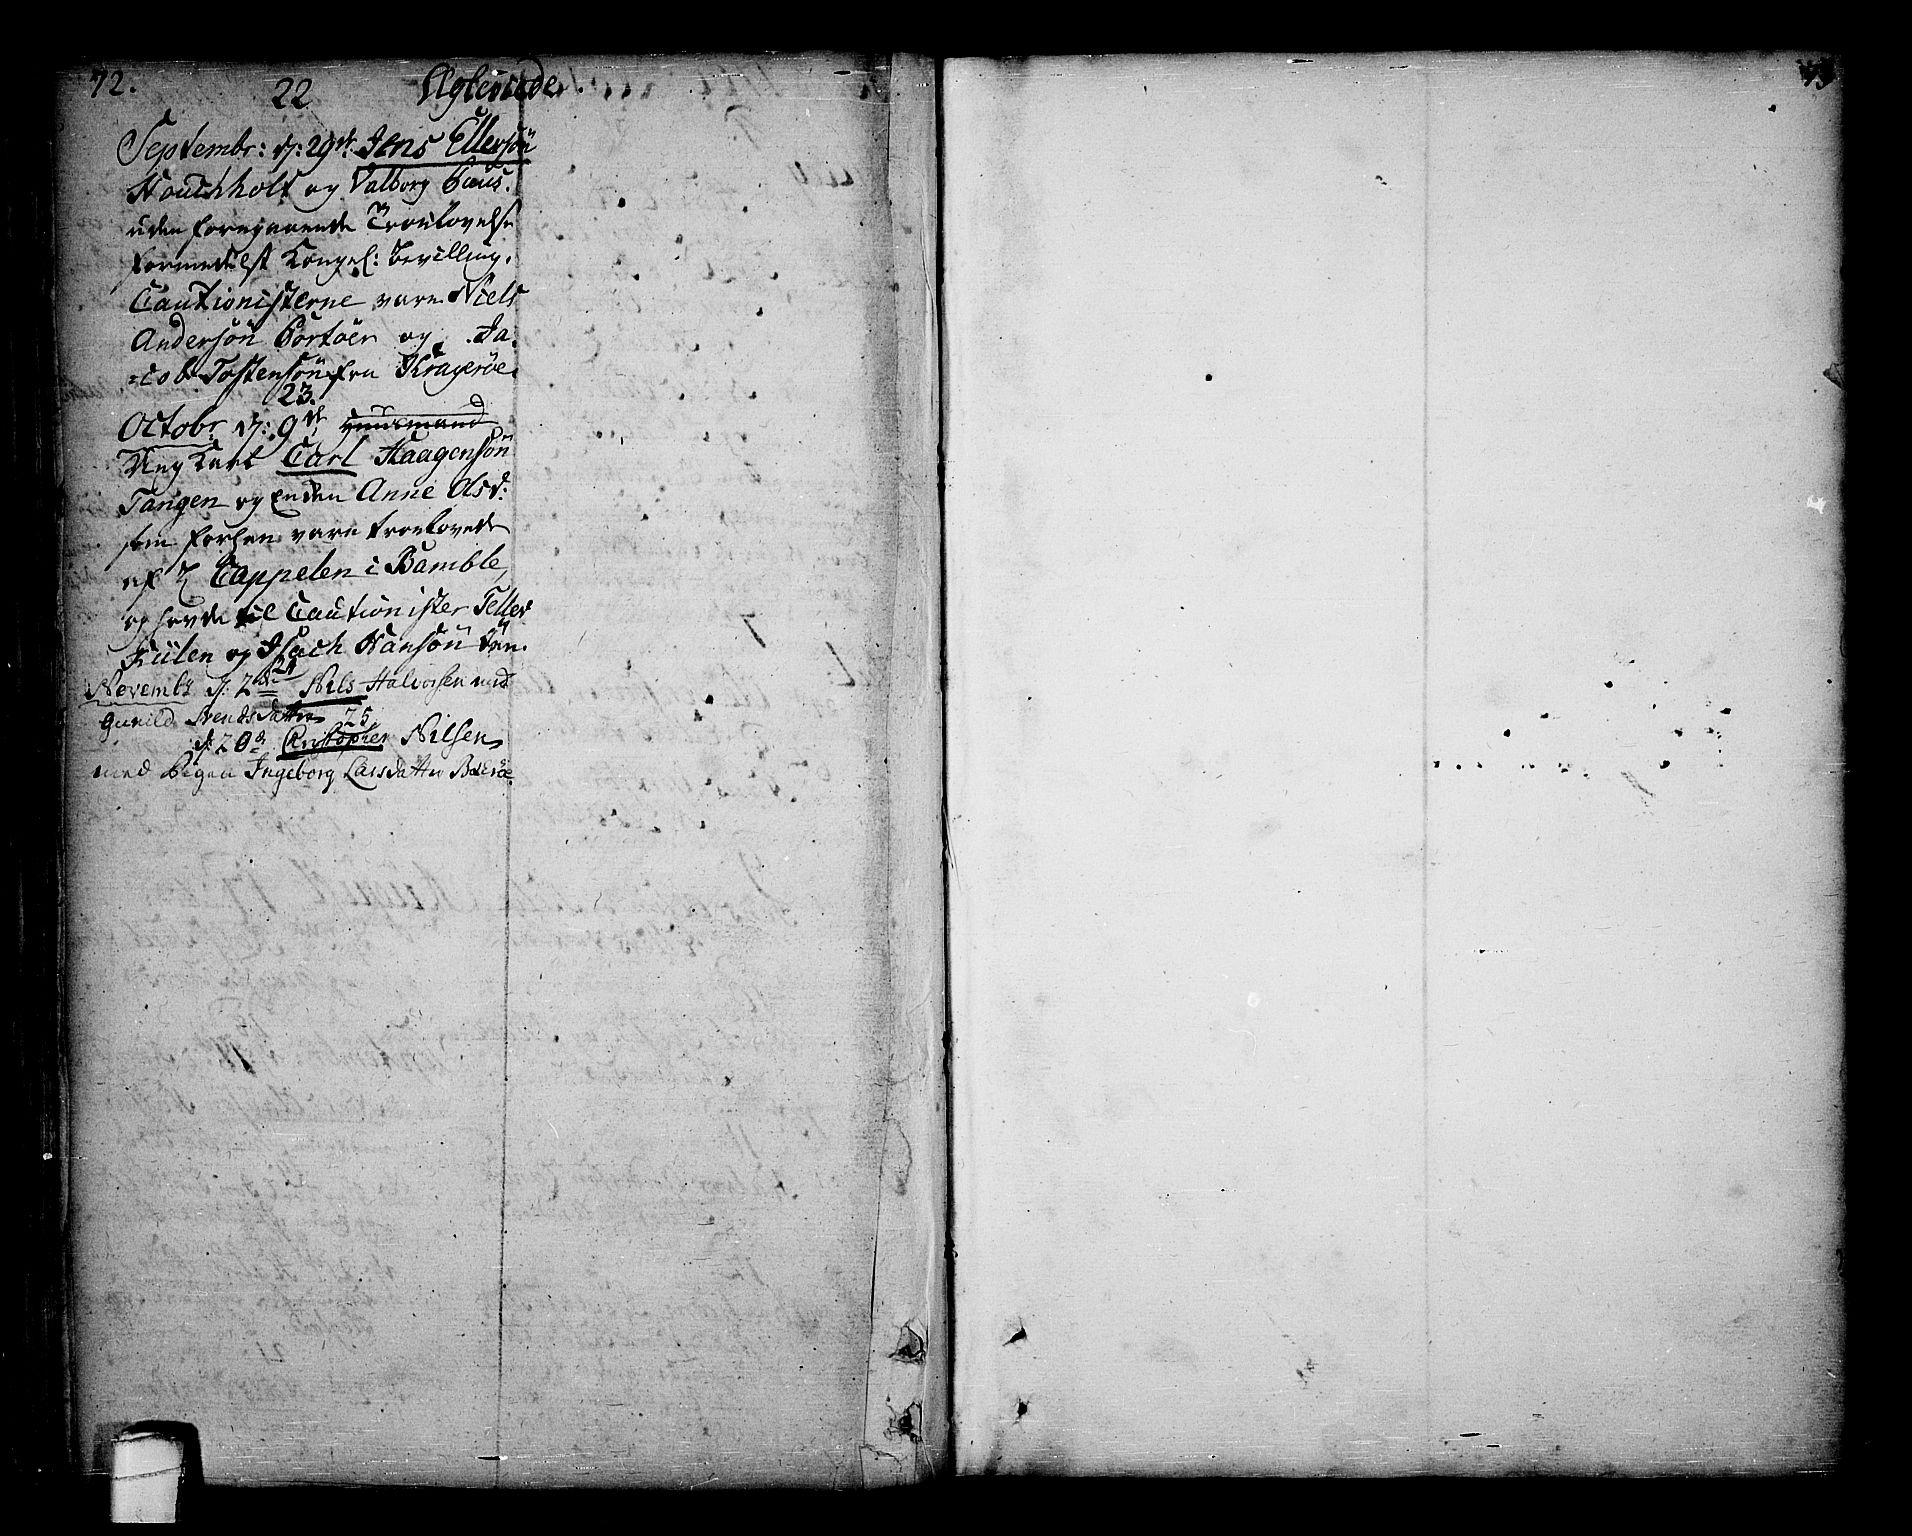 SAKO, Sannidal kirkebøker, F/Fa/L0001: Ministerialbok nr. 1, 1702-1766, s. 72-73